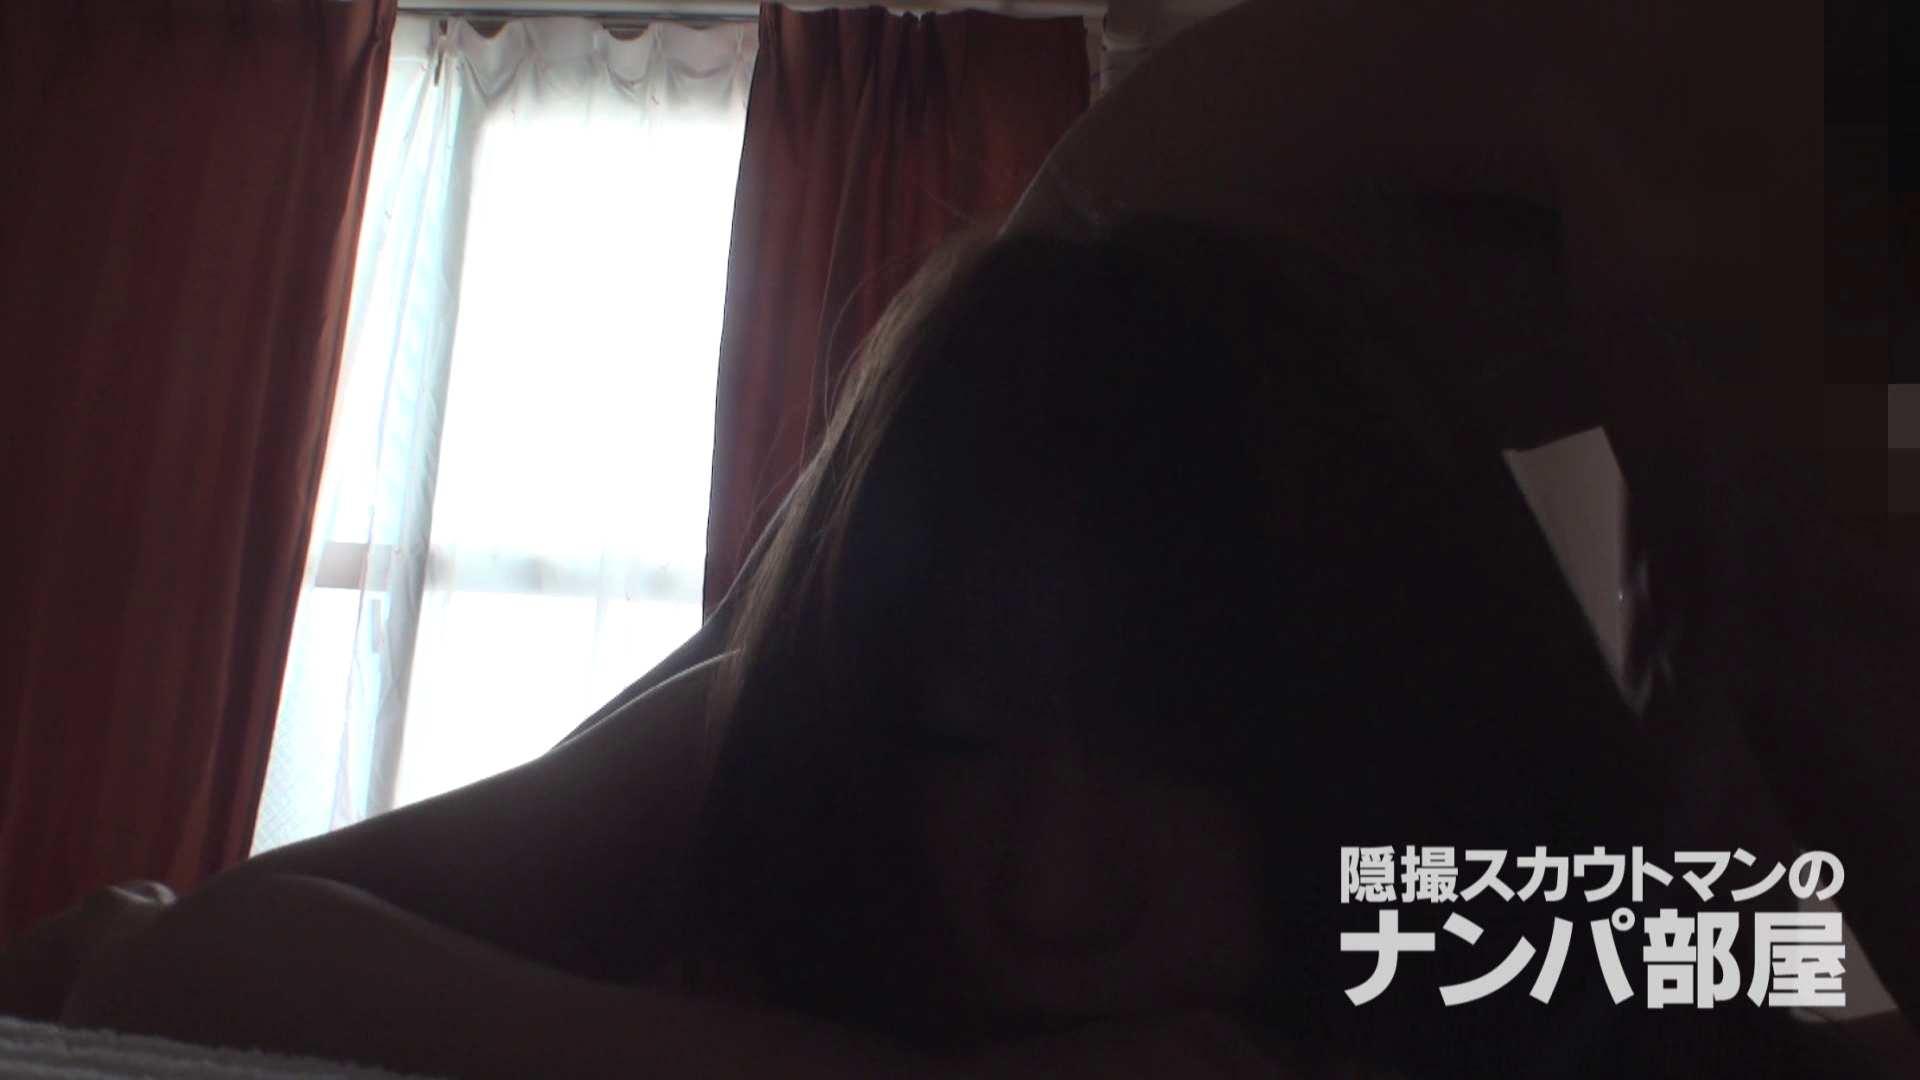 隠撮スカウトマンのナンパ部屋~風俗デビュー前のつまみ食い~ siivol.4 隠撮  91pic 70